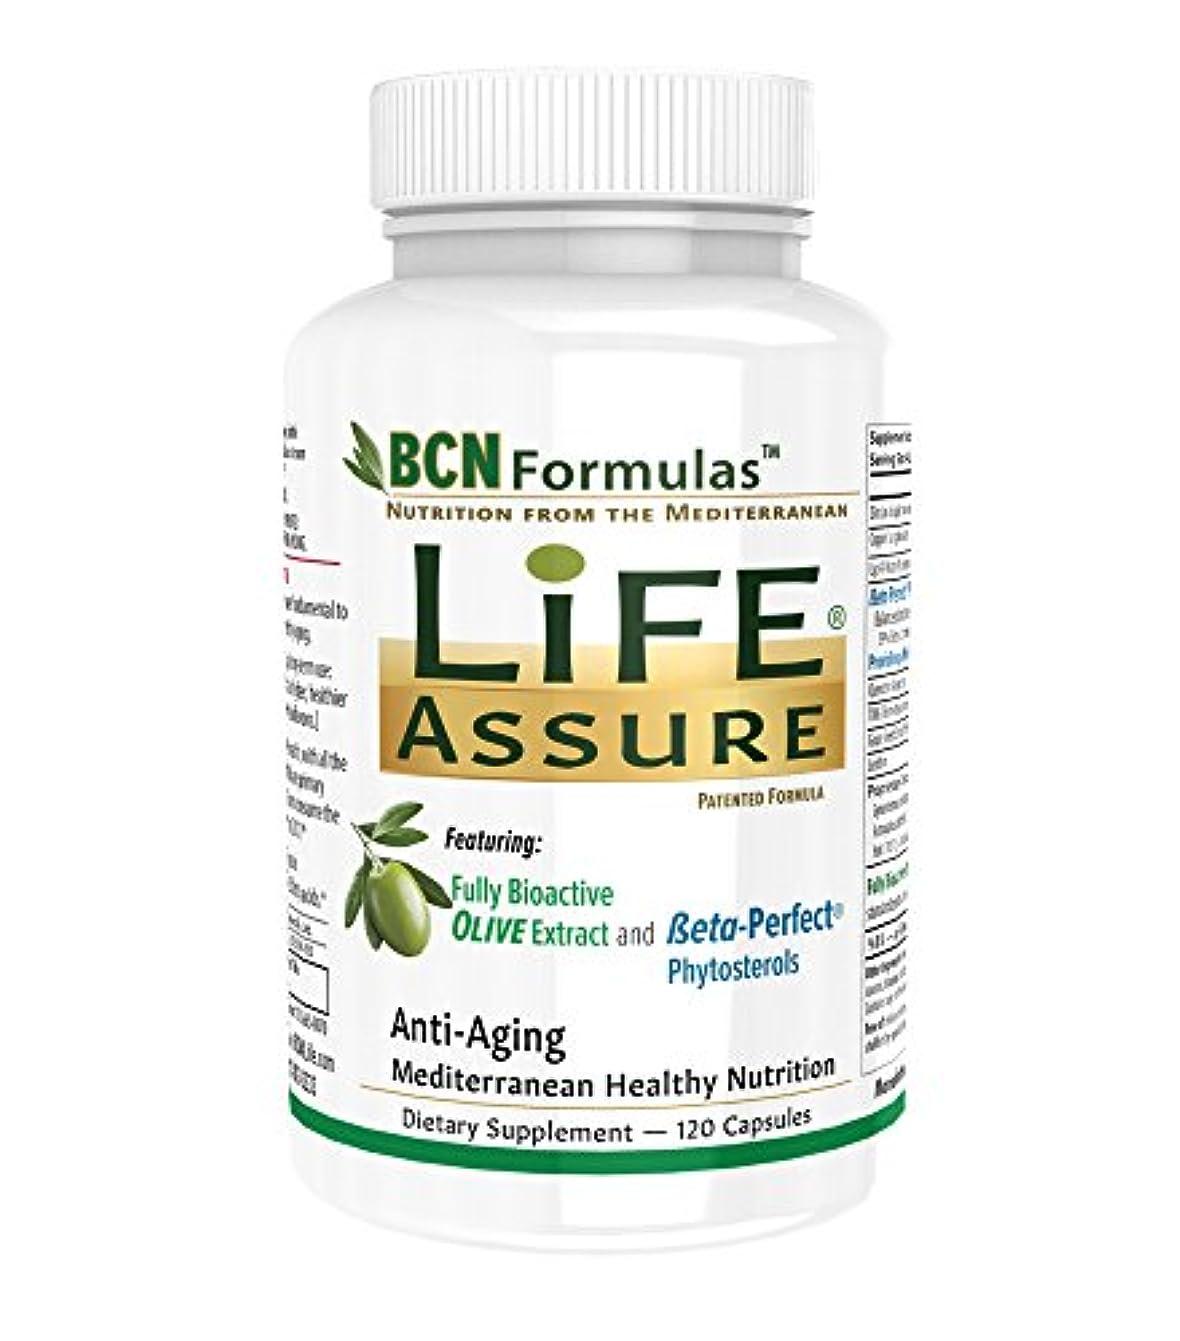 空白感嘆符試用BCN Formulas Life Assure アンチ エイジング フォーミュラ(120カプセル)